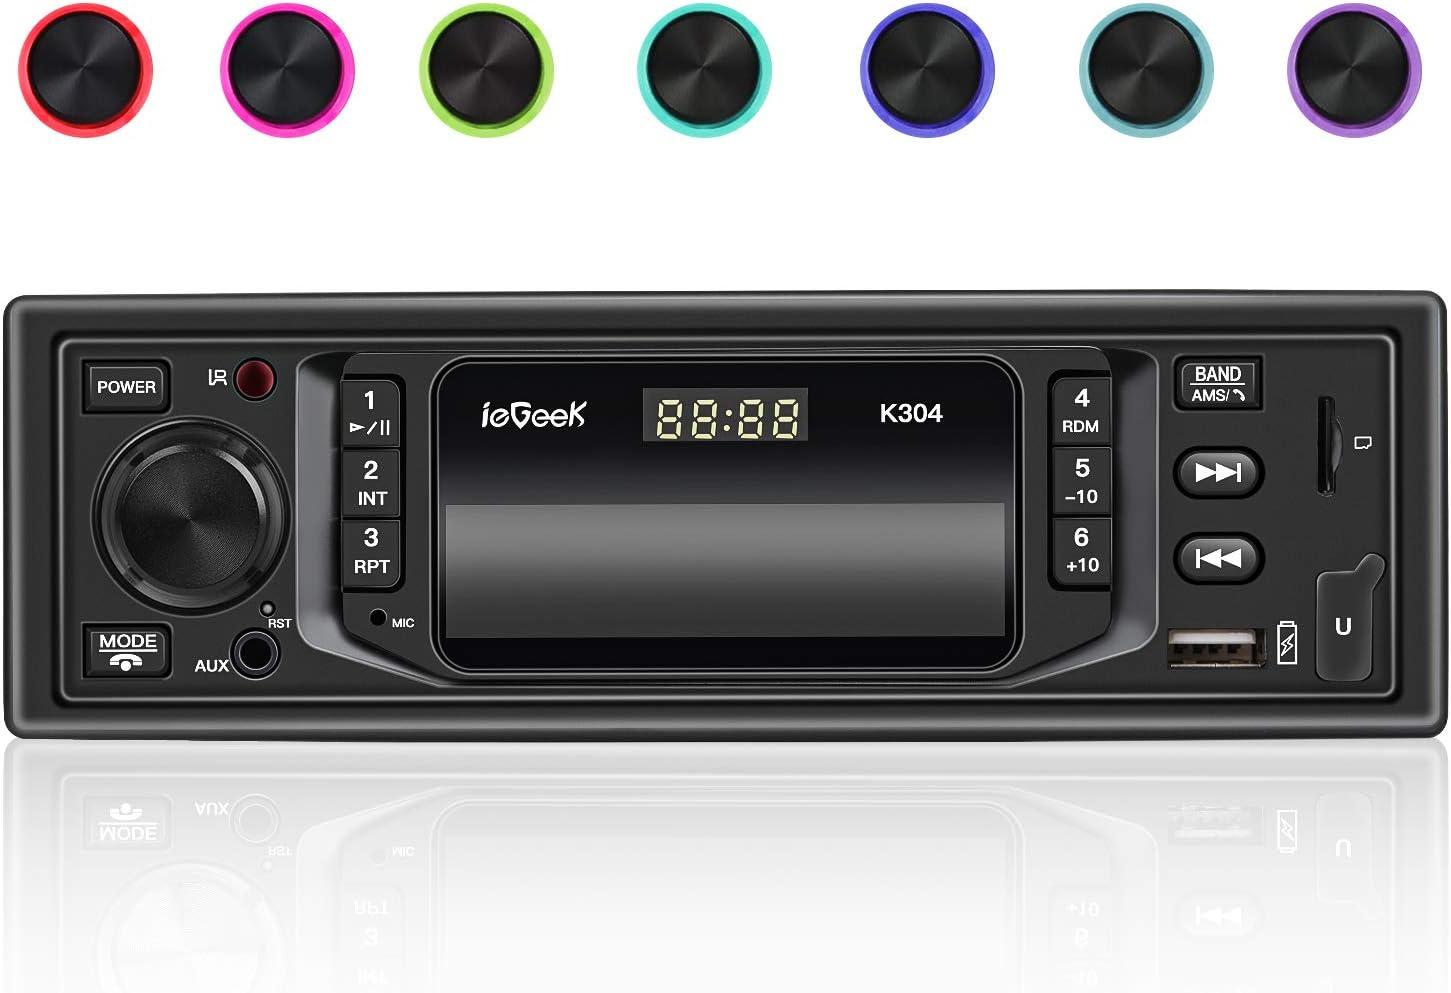 ieGeek Autoradio Bluetooth, 4×60W Llamadas Manos Libres, Universal 1 DIN Radio de Coche, 7 Colores LED, Soporta Estéreo RDS/MP3/FM/AM/SD/AUX/RST/Dual USB/Pantalla de Reloj,Remote Control